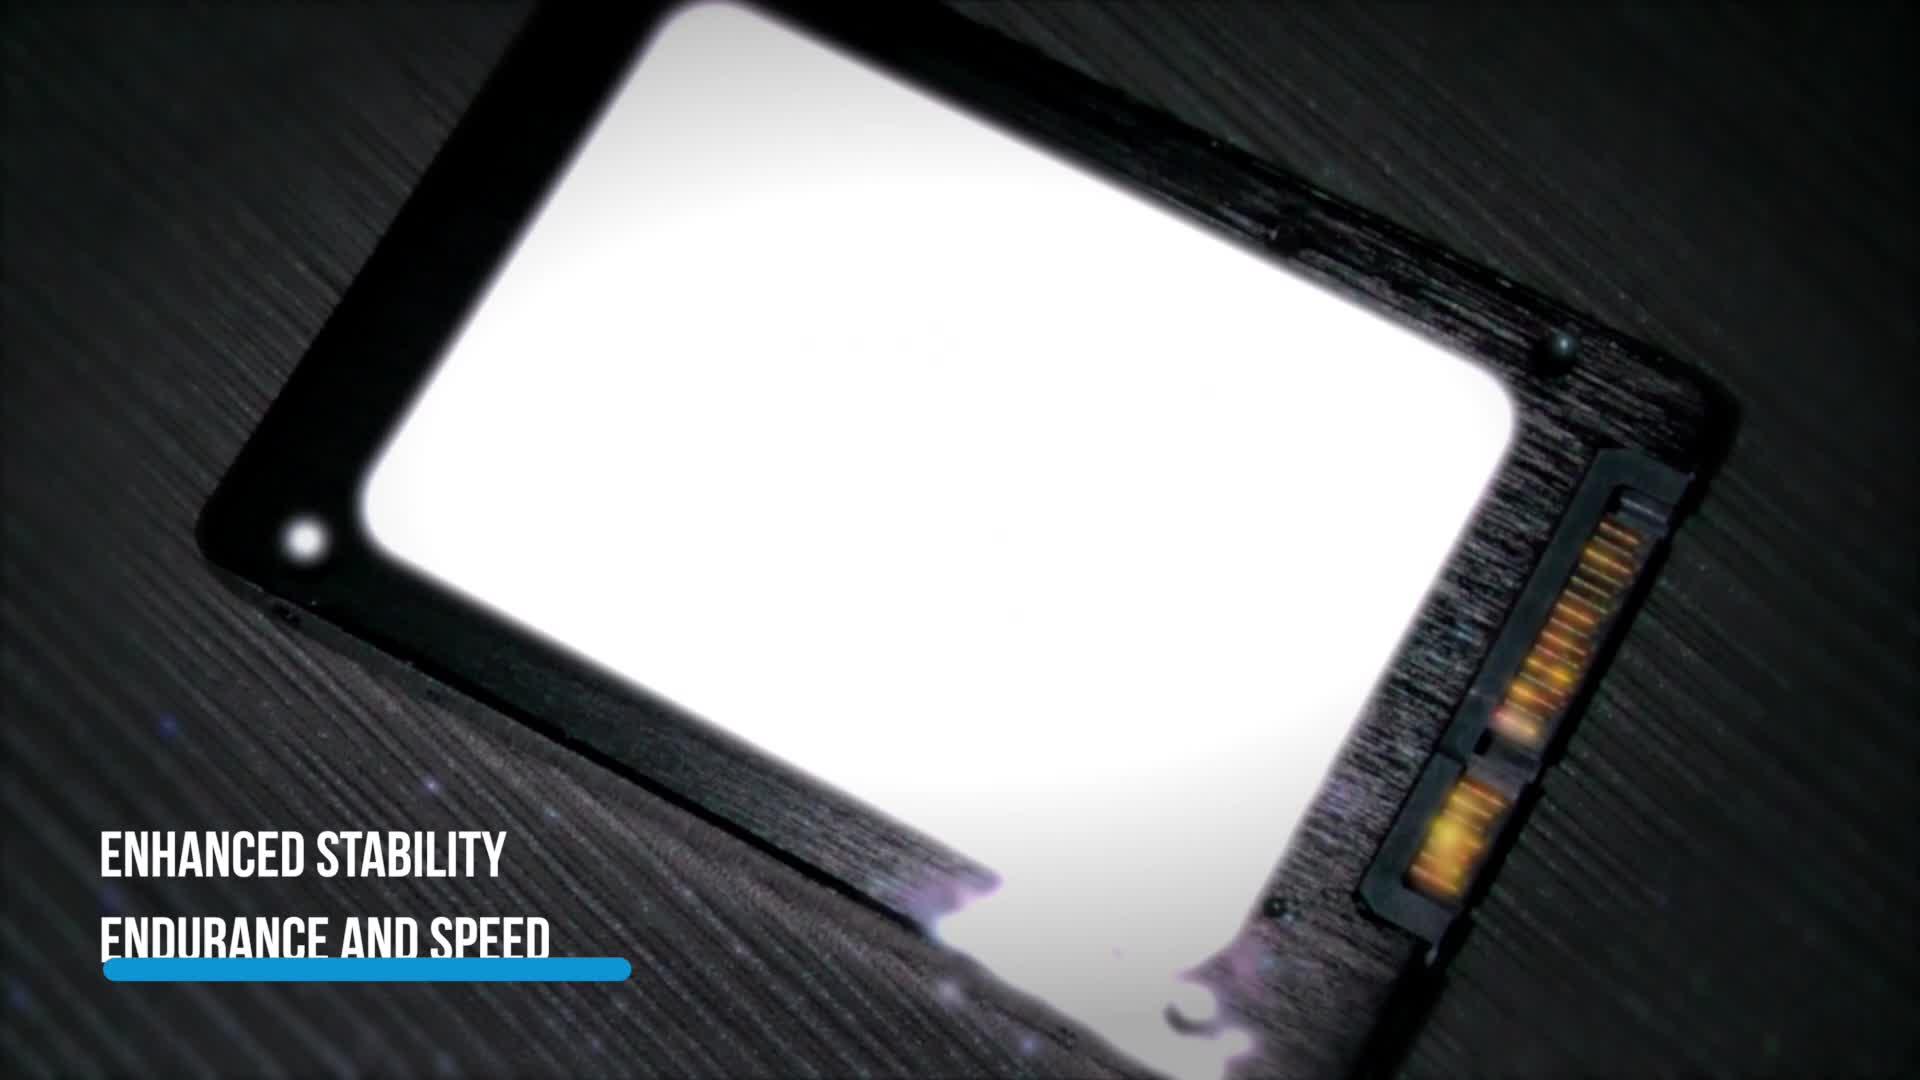 Kingspec Del Computer Portatile HDD 128GB Grande Capacità da 2.5 Pollici Disco Rigido Interno